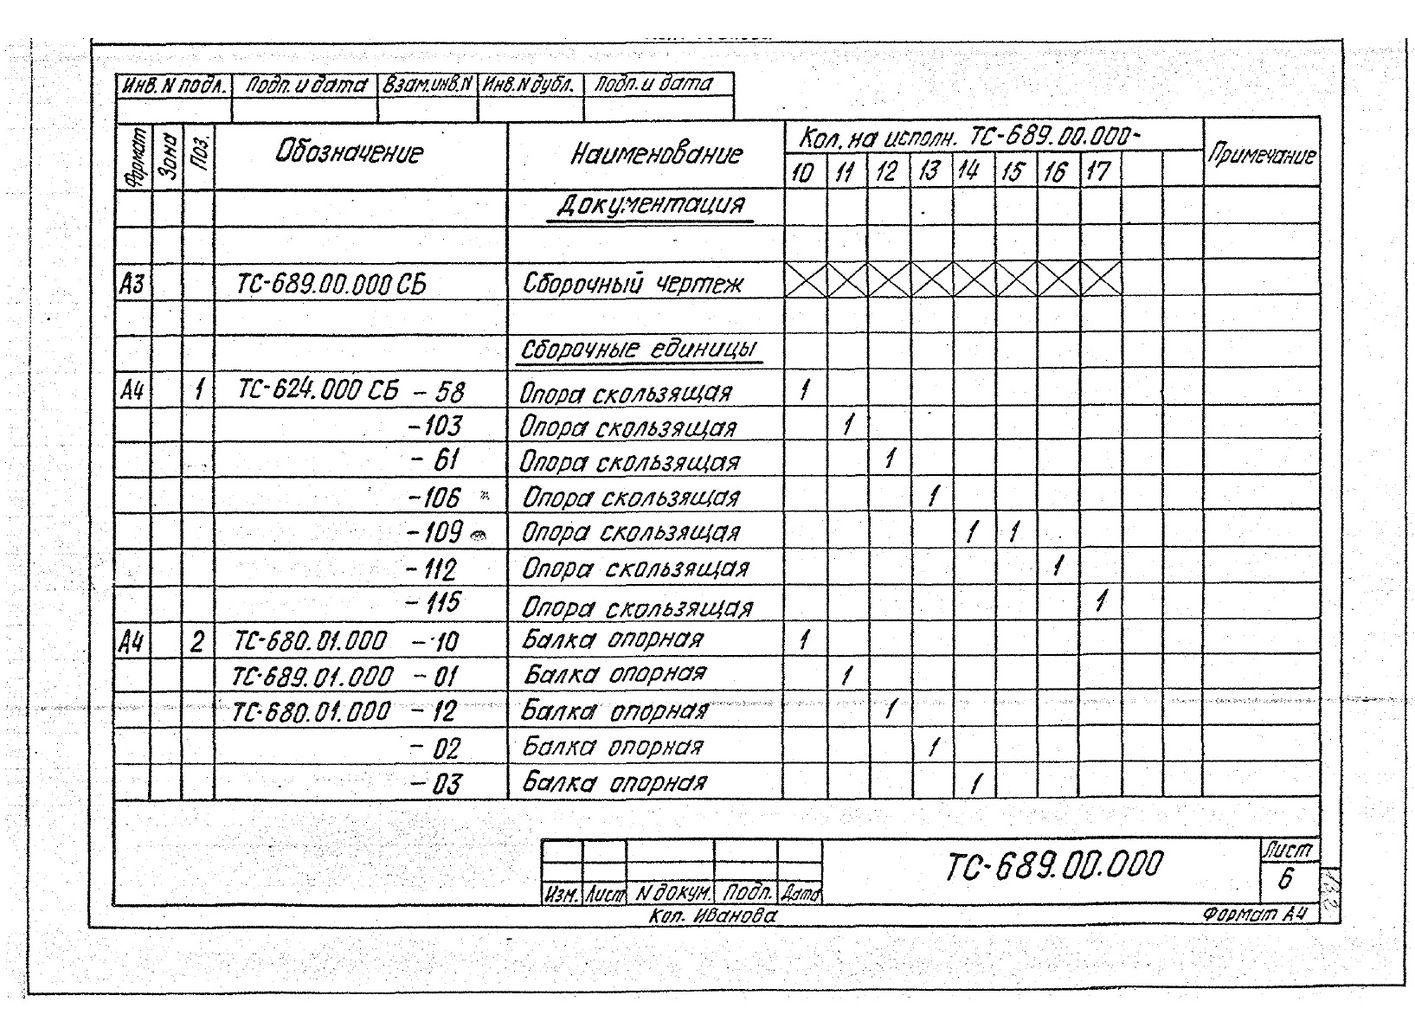 Подвески пружинные для горизонтальных трубопроводов Дн 377-1420 мм ТС-689.00.000 СБ серия 5.903-13 выпуск 6-95 стр.10